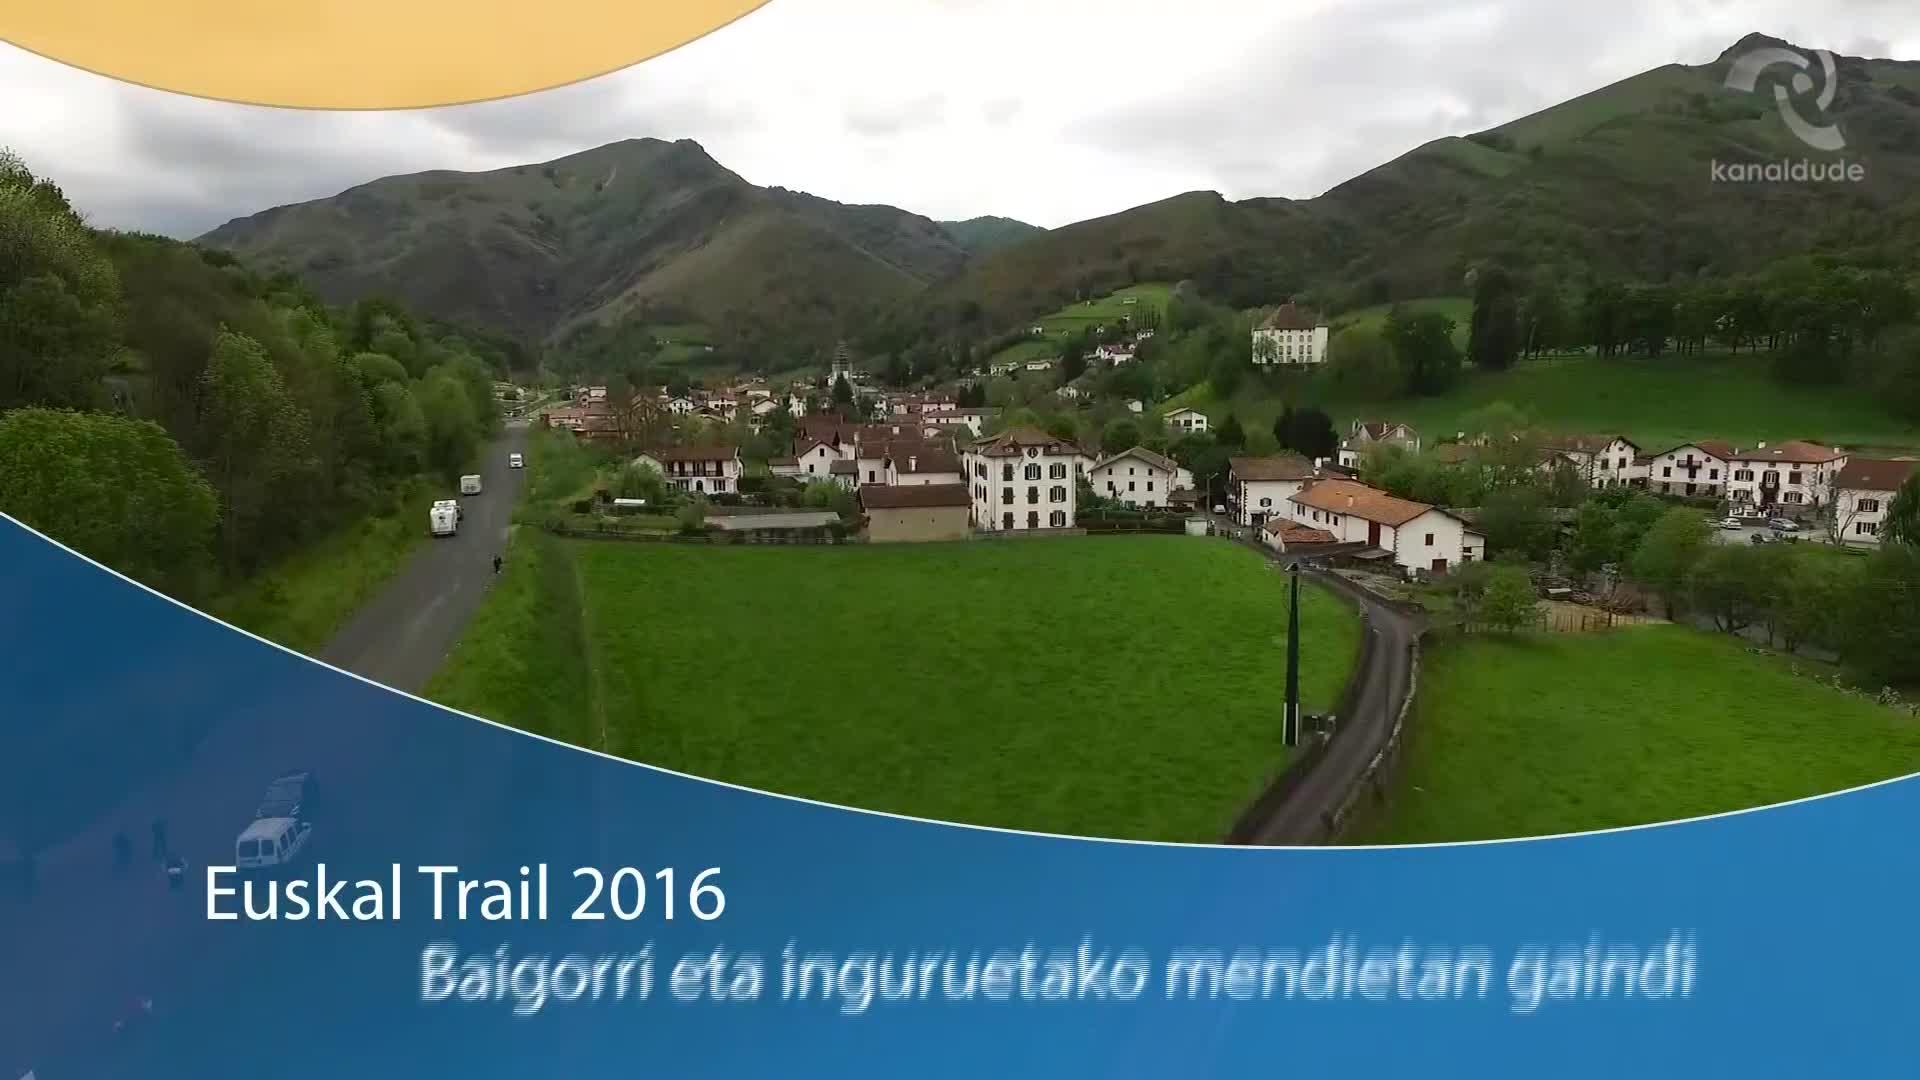 Euskal Trail 2016: Baigorri eta inguruetako mendietan gaindi